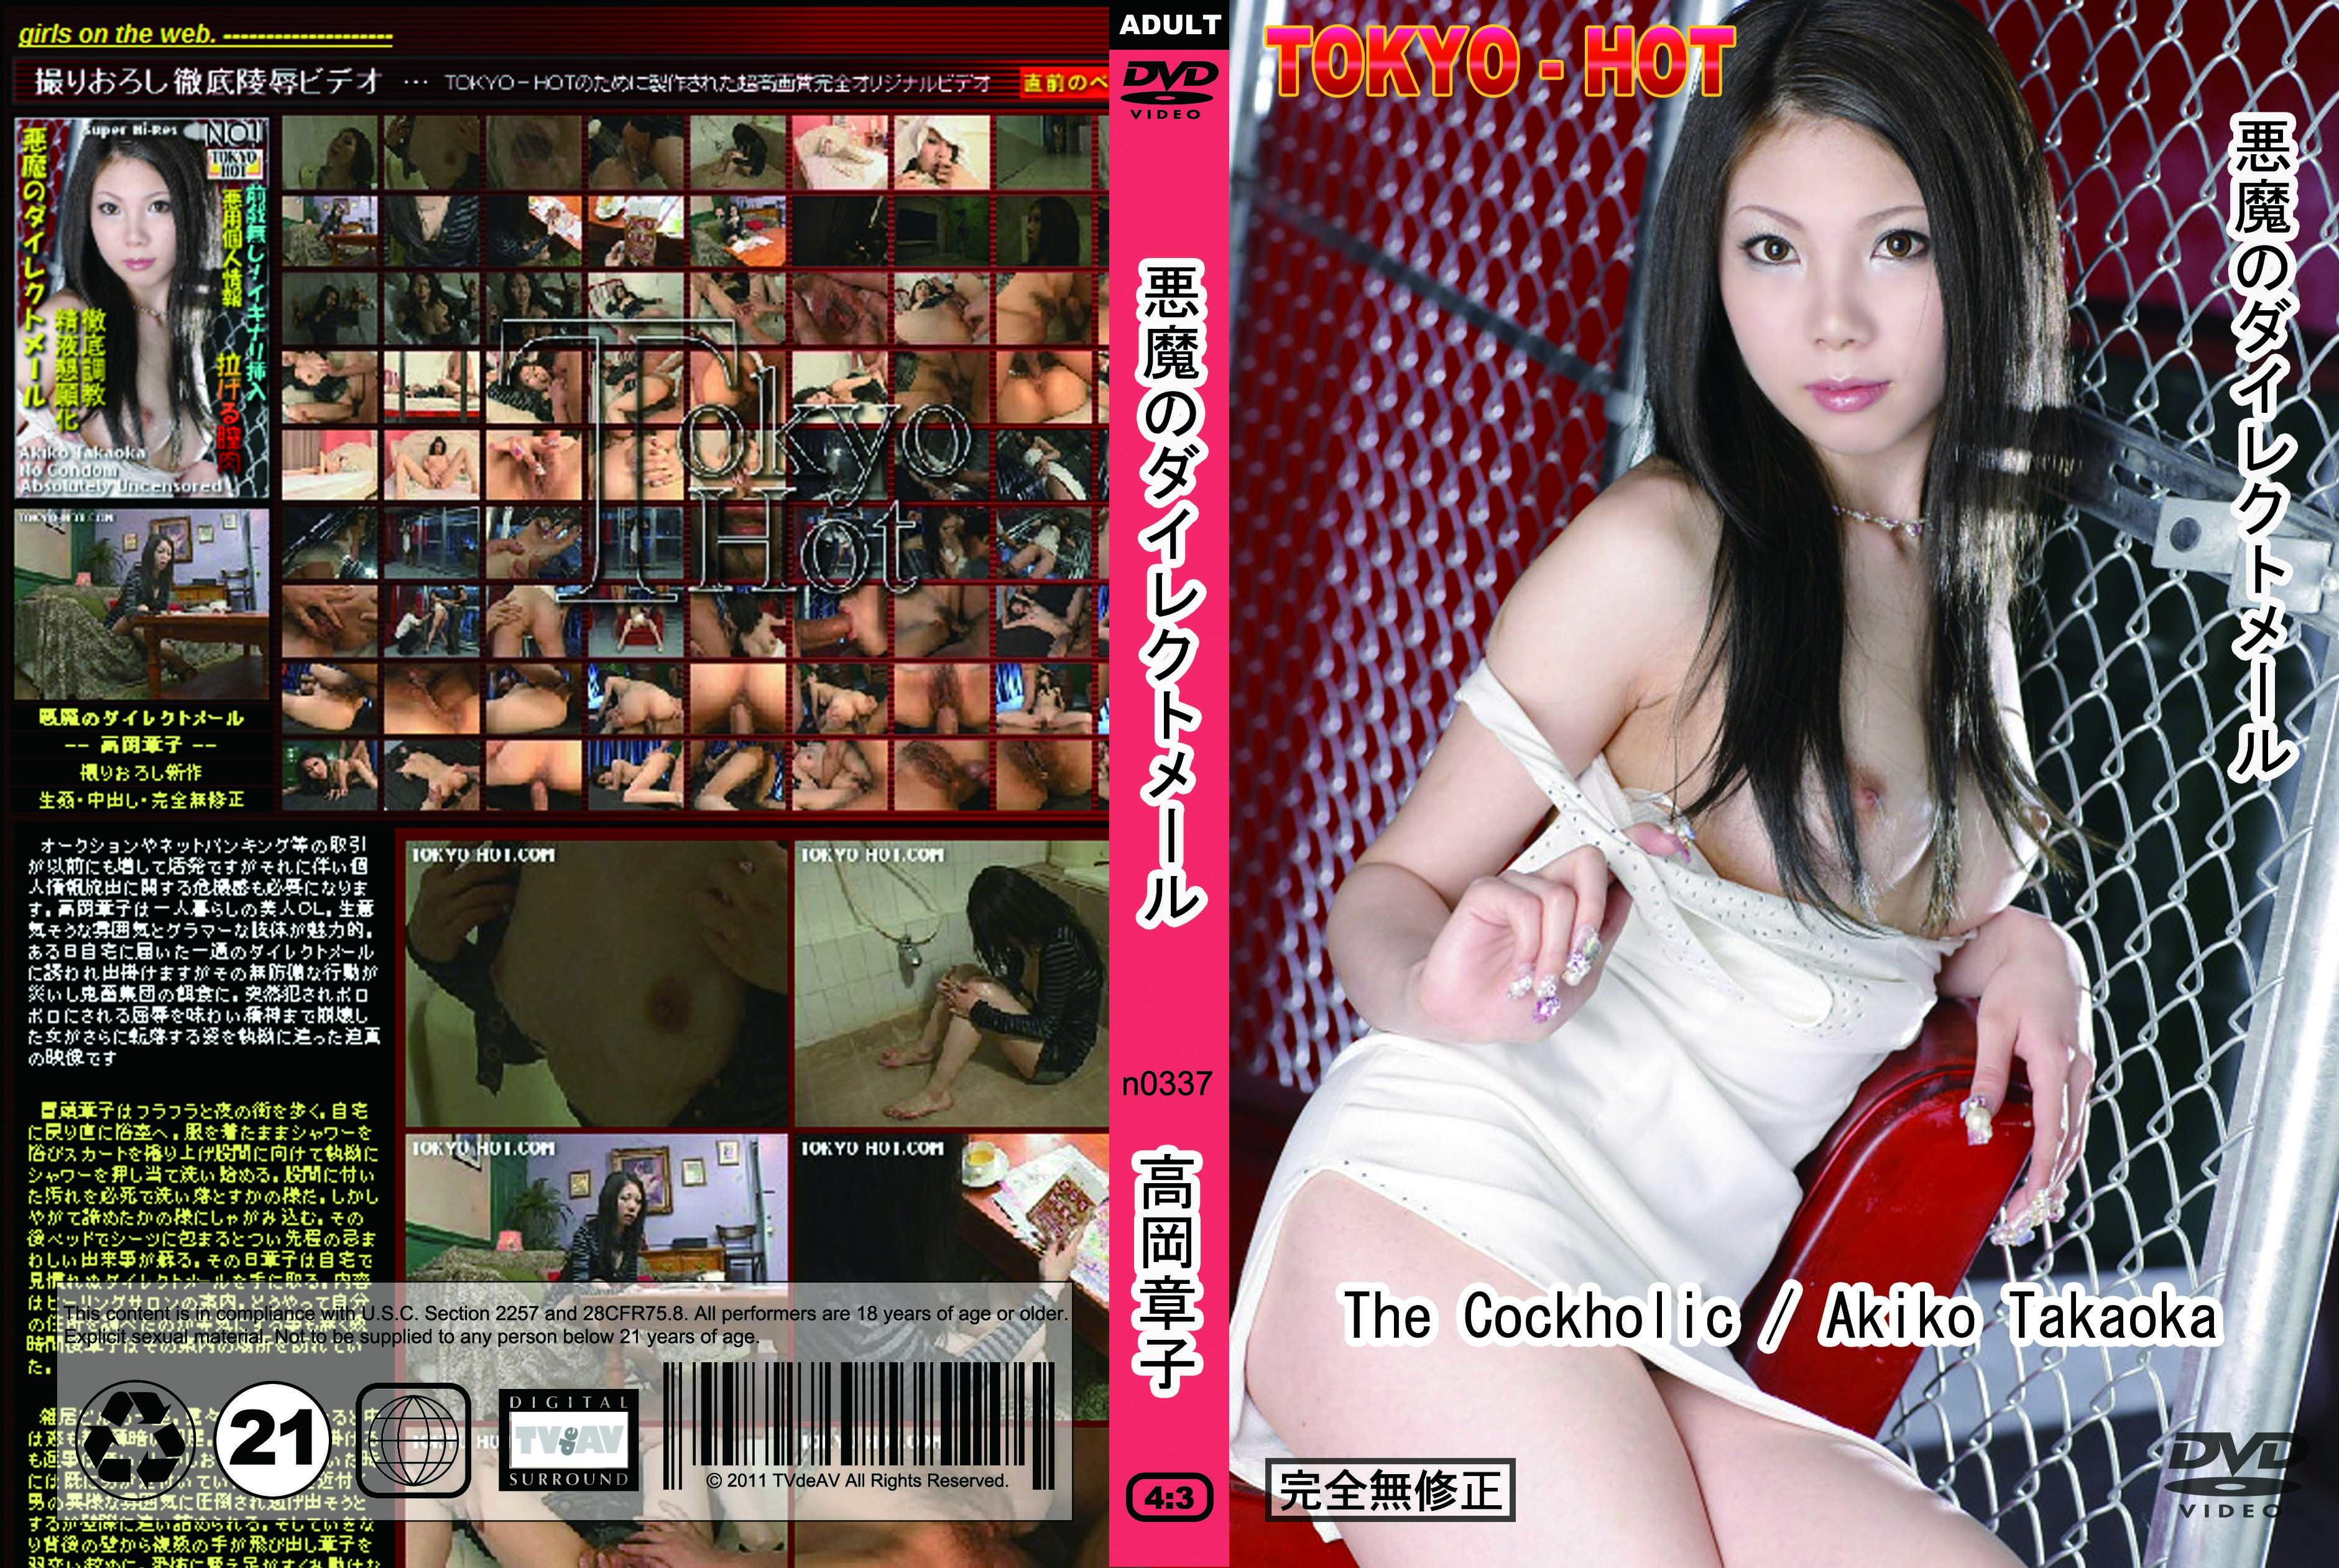 tokyo-hot-n0337-cd2-悪魔のダイレクトメール